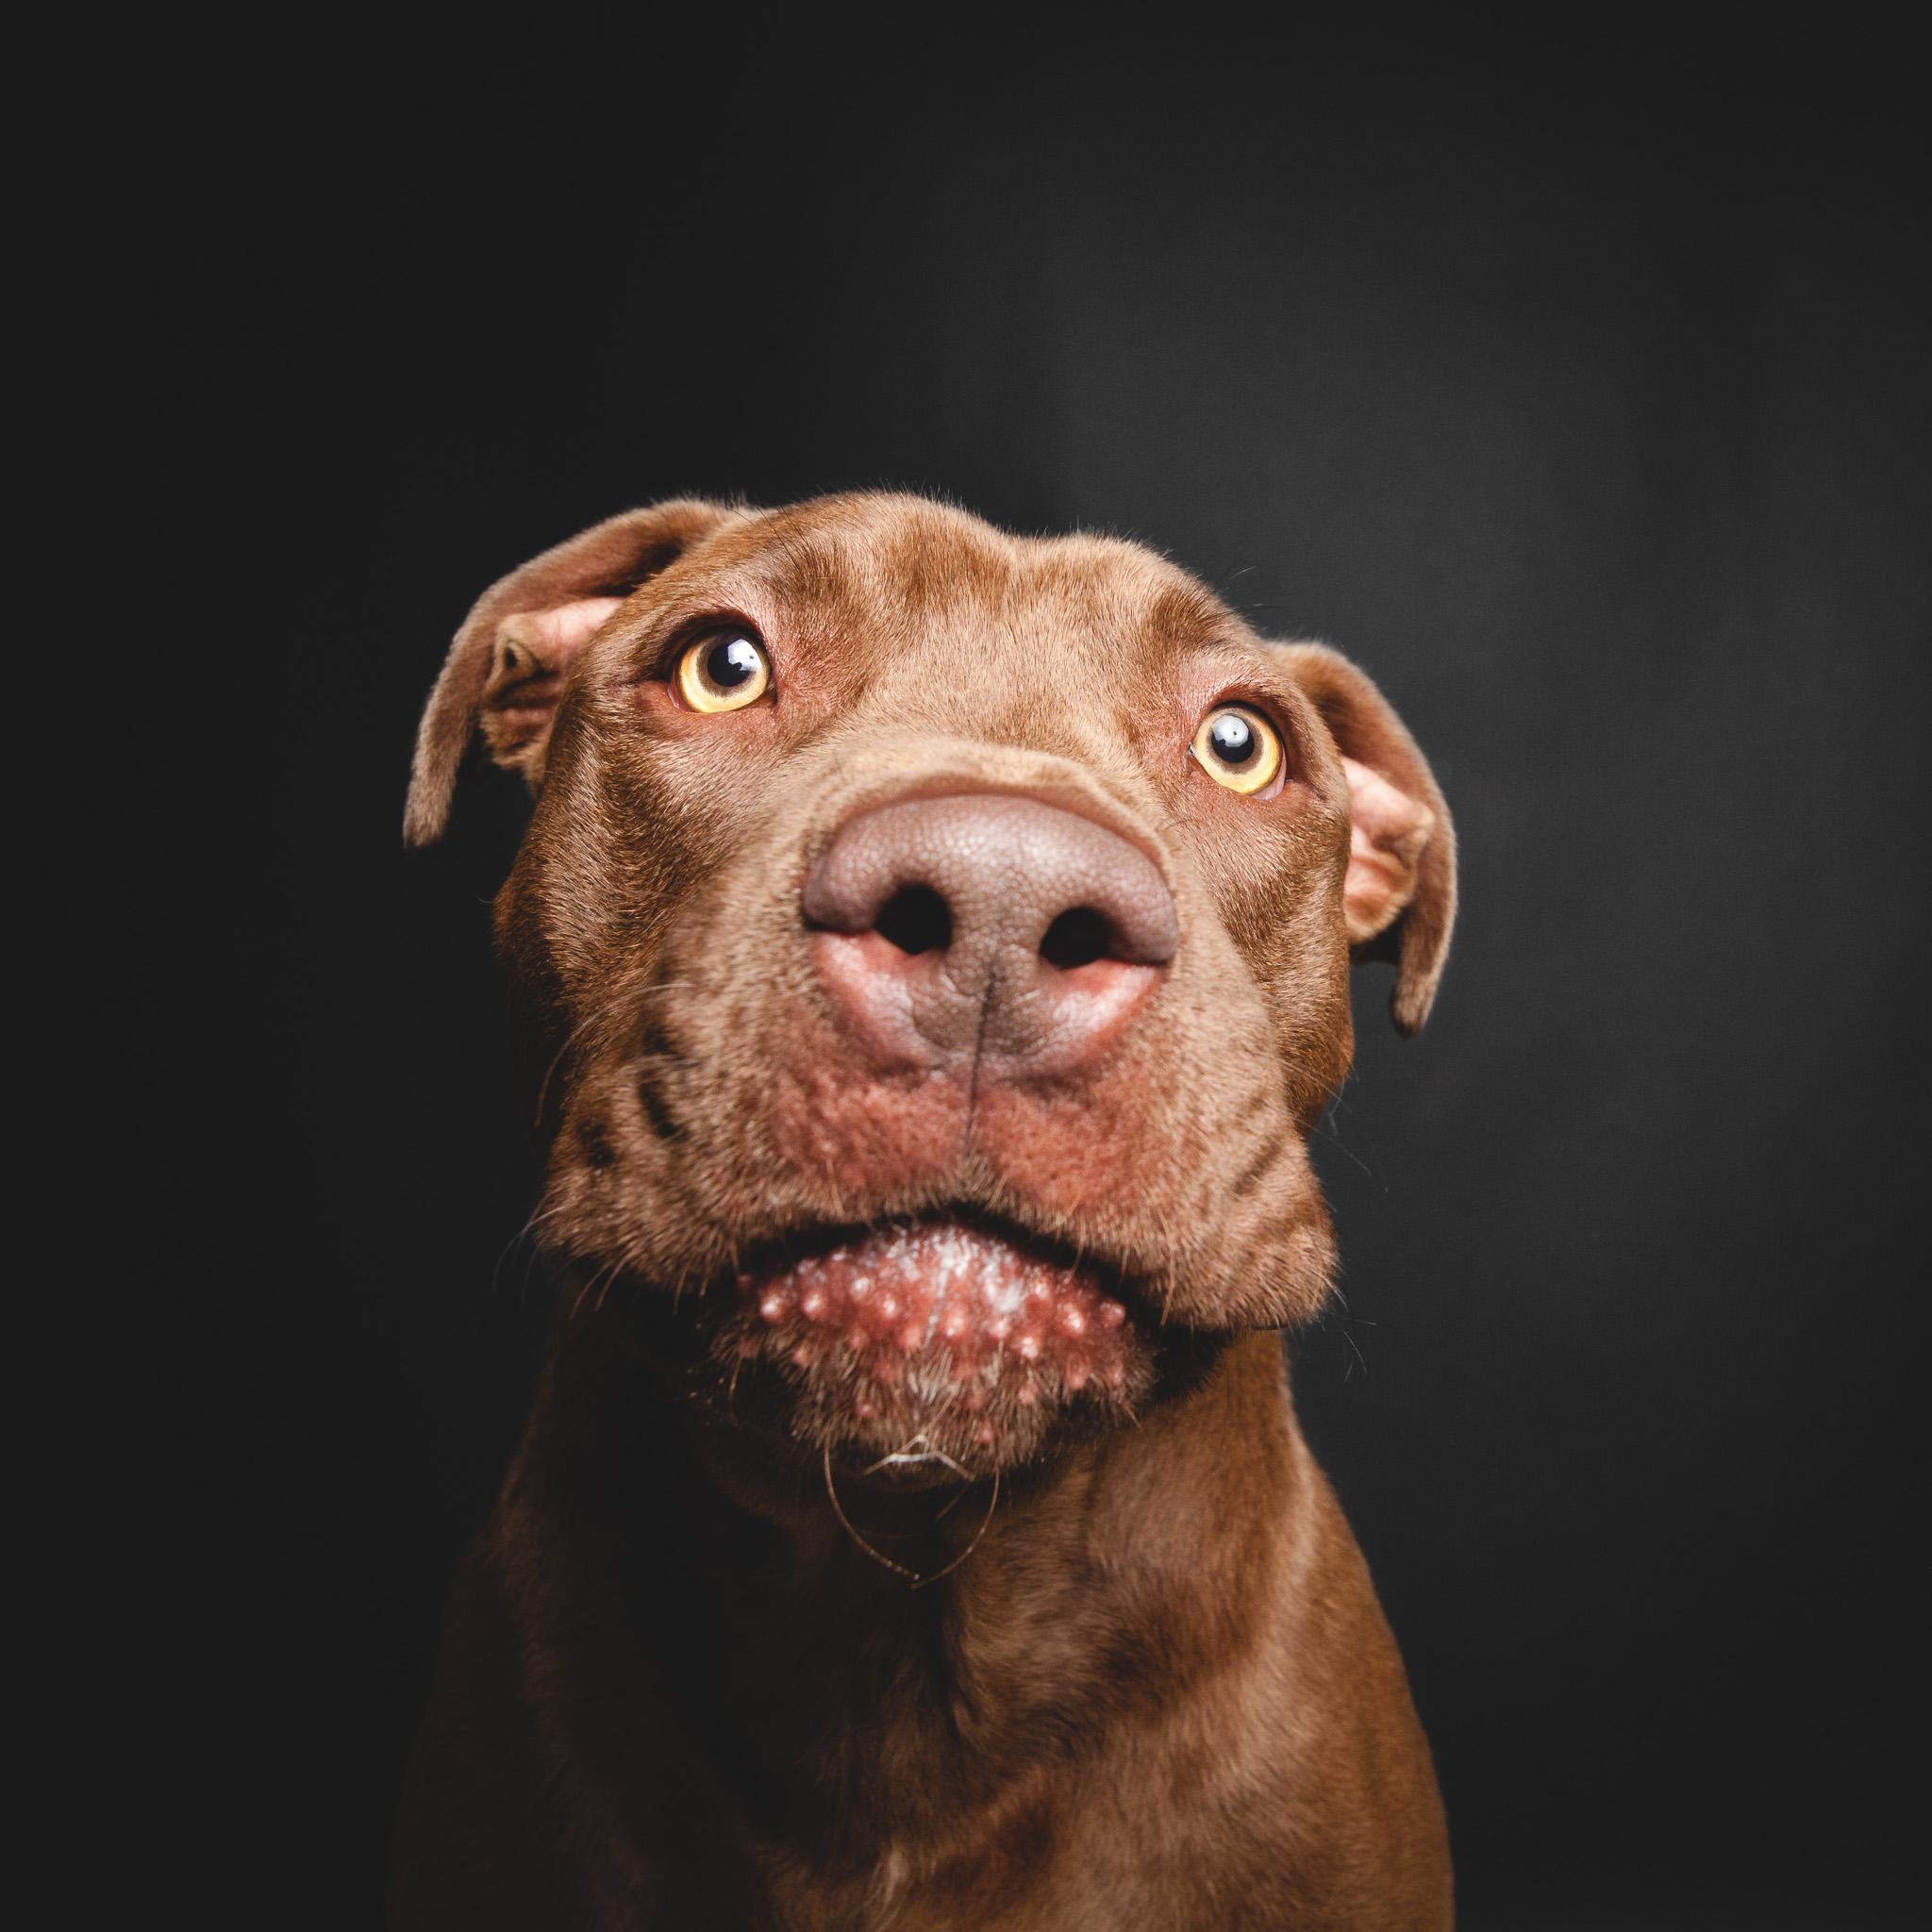 Labrador Retriever Mix, Chicago Animal Care and Control